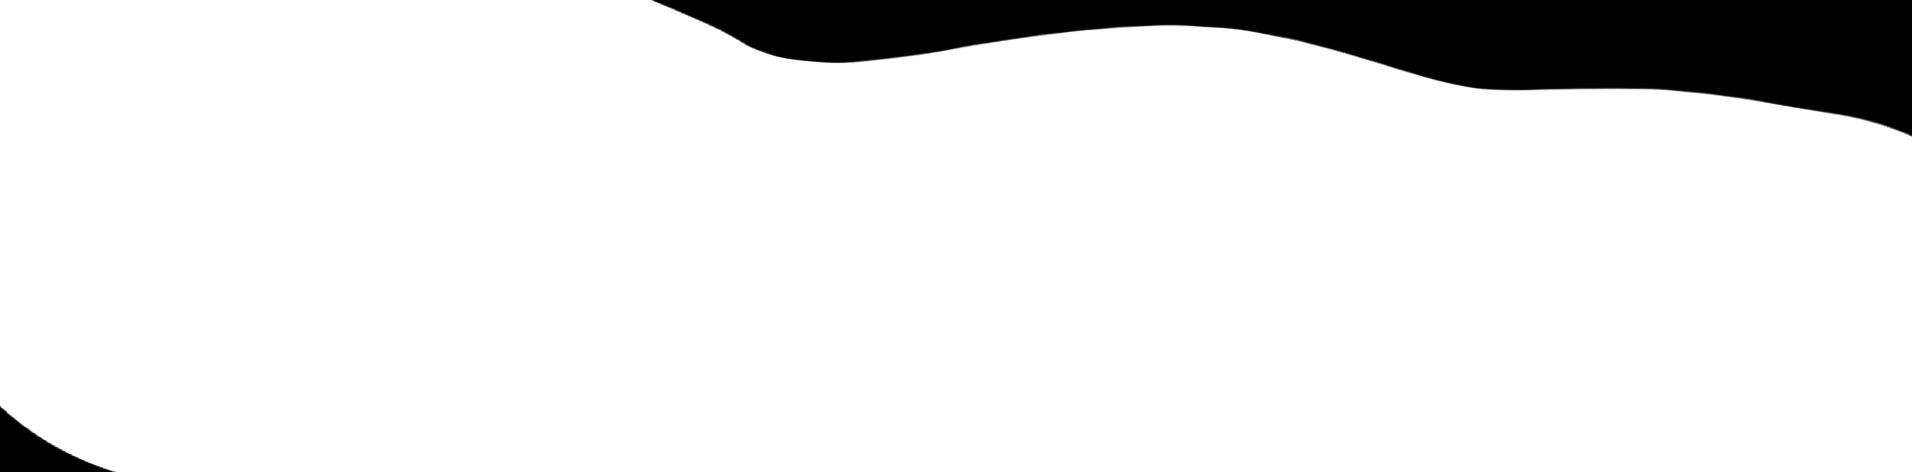 Plataforma de Votação 2021 - Túlio Gadêlha